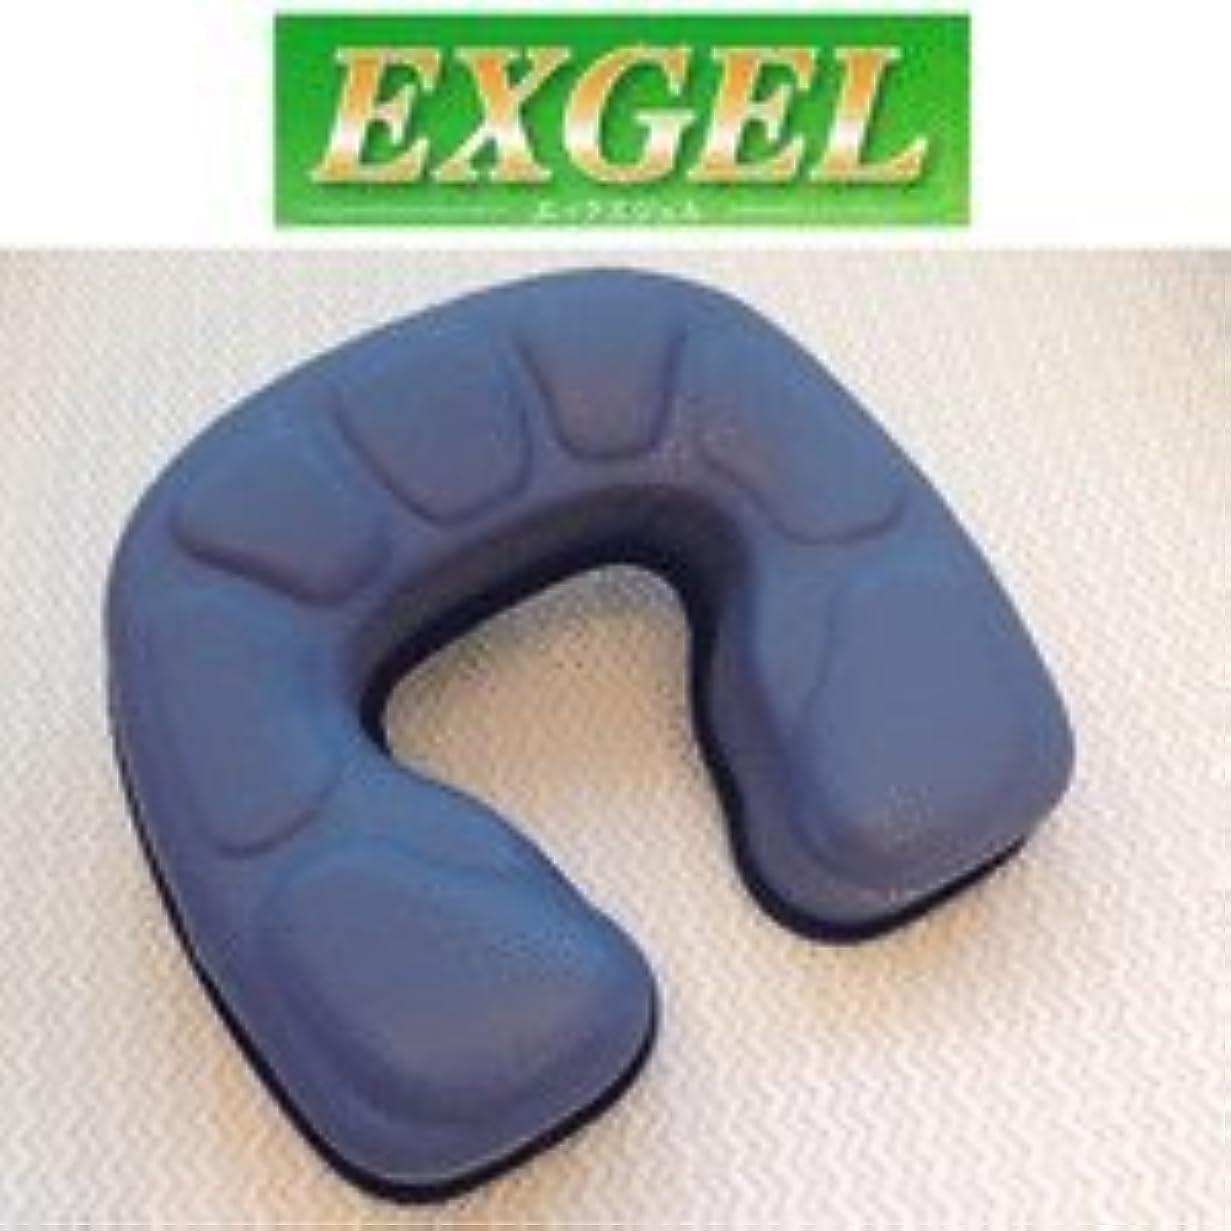 ハイランド震えテロEXGEL(エックスジェル) EXフェイスマット 25×26×6cm (カナケン治療?施術用枕) うつぶせ寝まくら KT-297